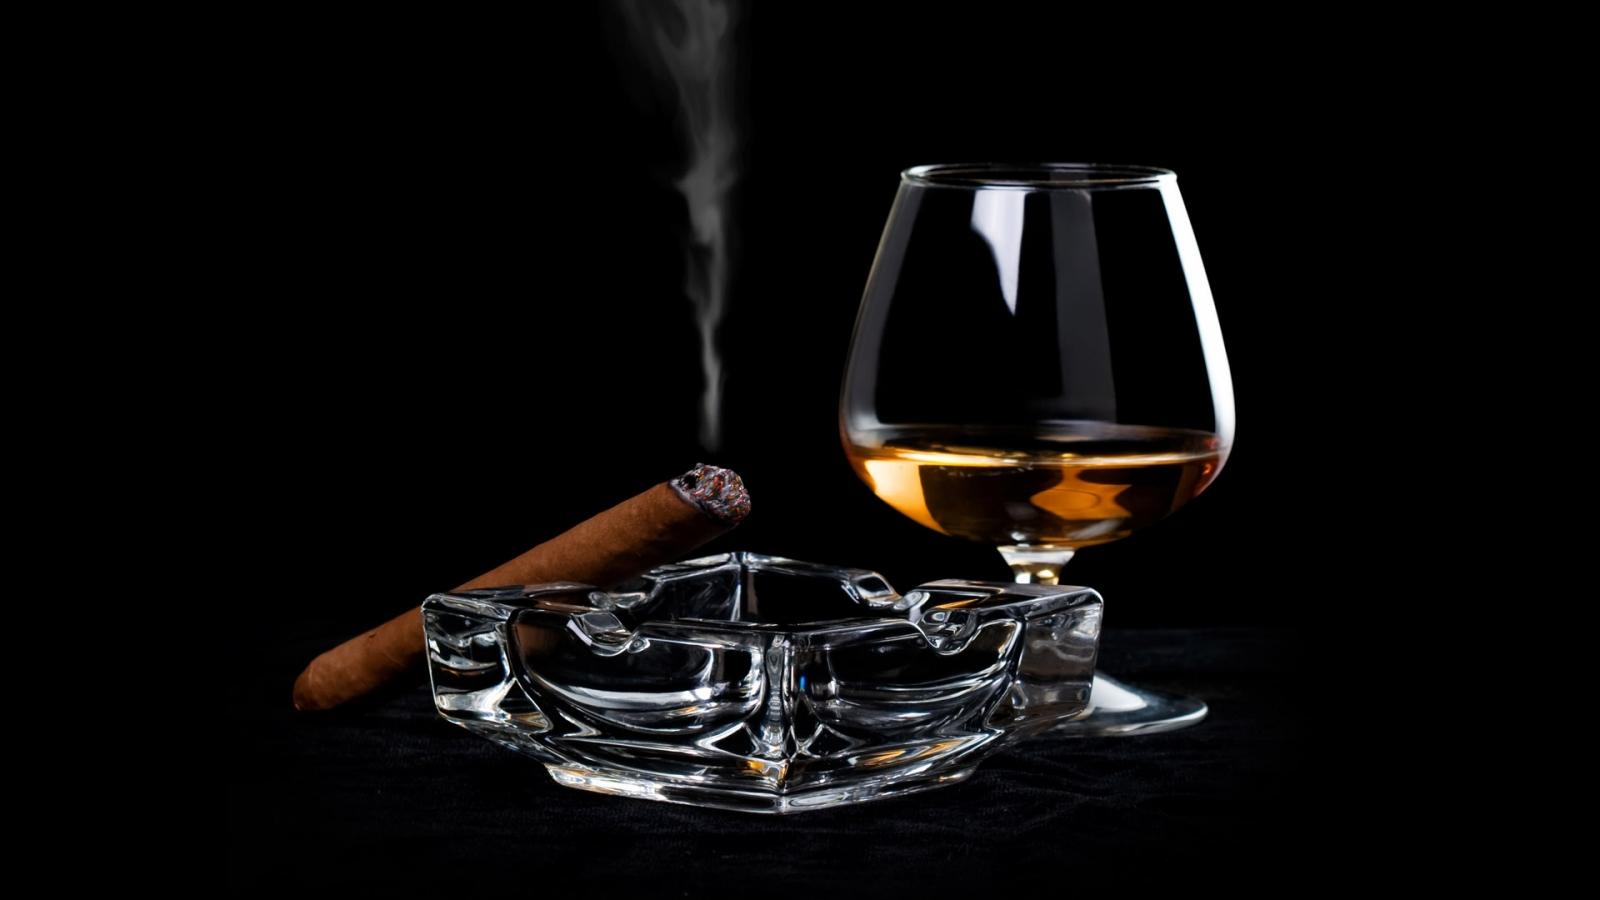 Una copa de Whisky y tabaco - 1600x900